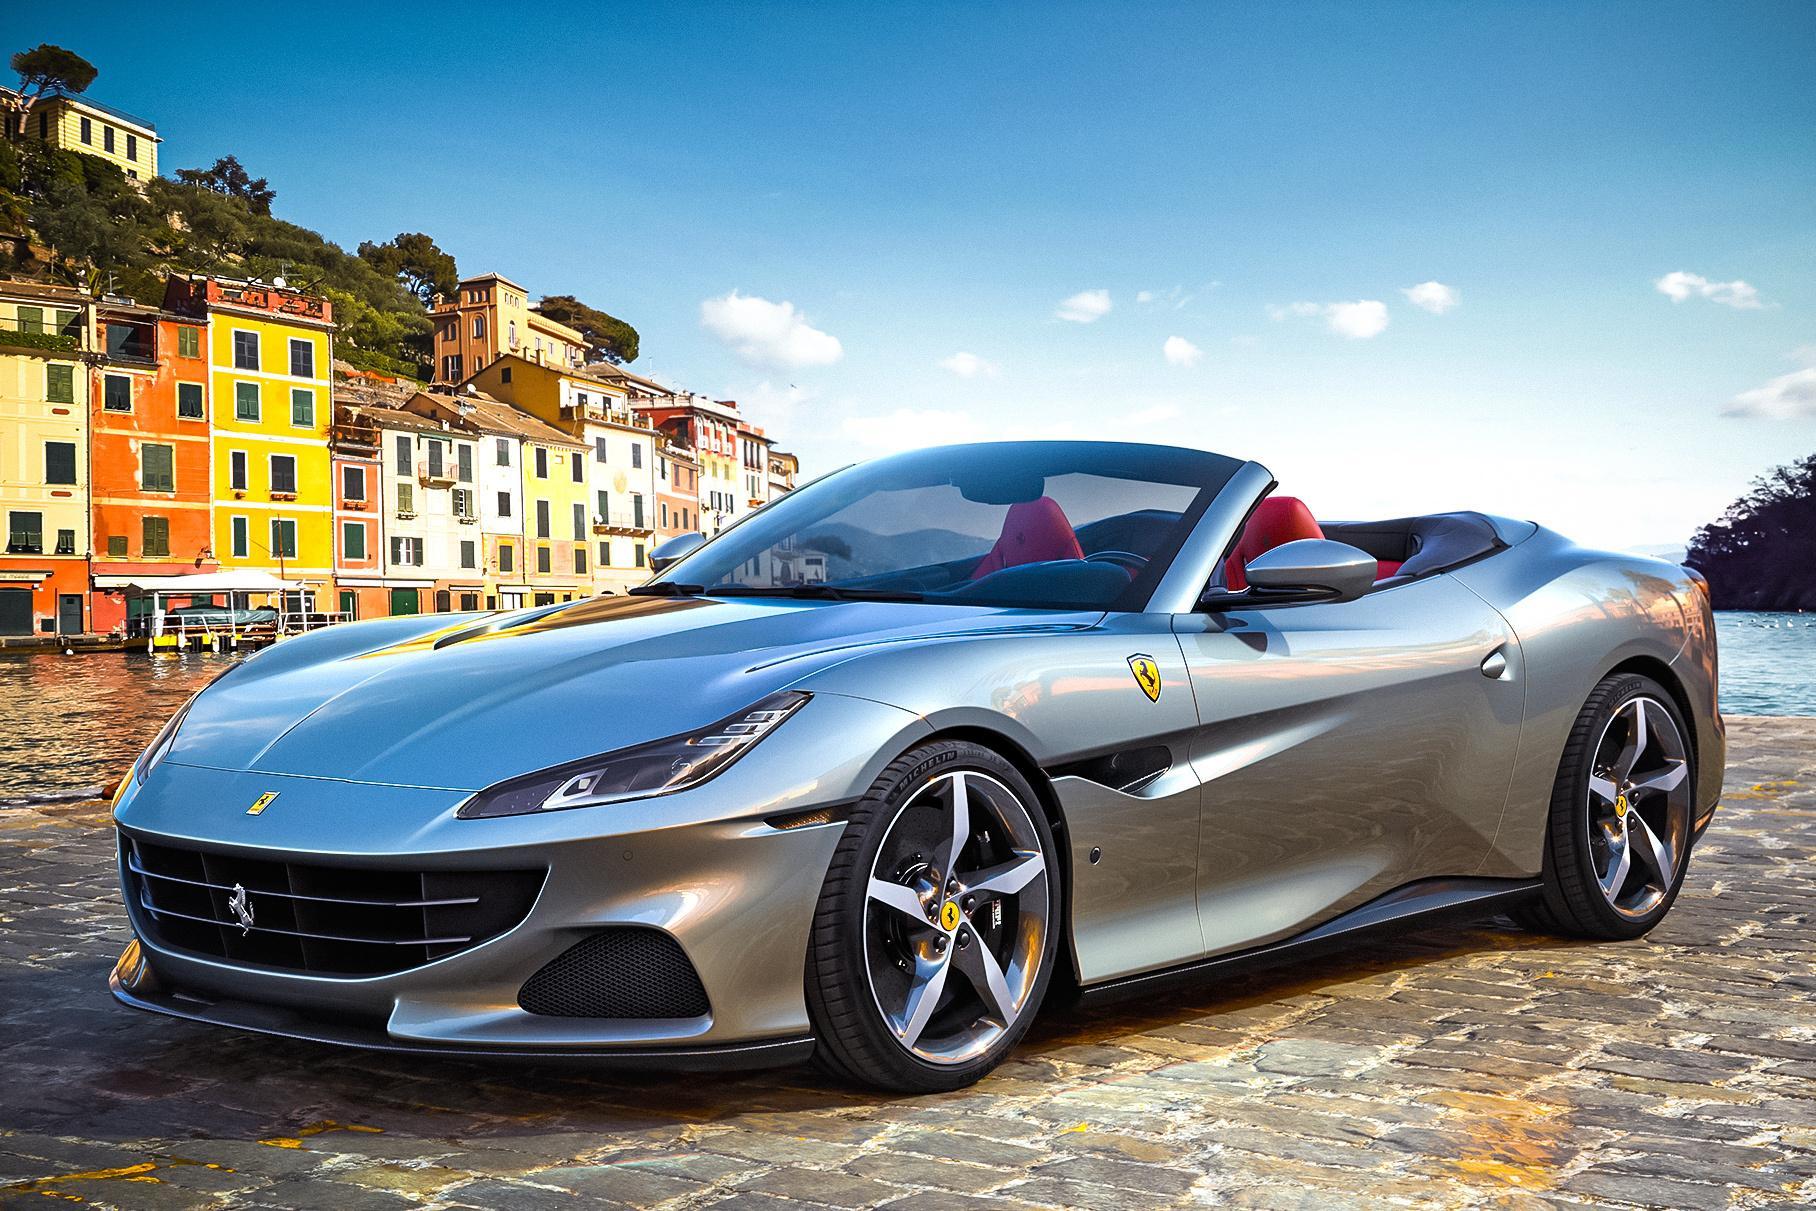 Буквально накануне «Феррари» представила Portofino M – кабриолет со свежим дизайном и более мощным двигателем. Буква М означает Modificata («измененная»).